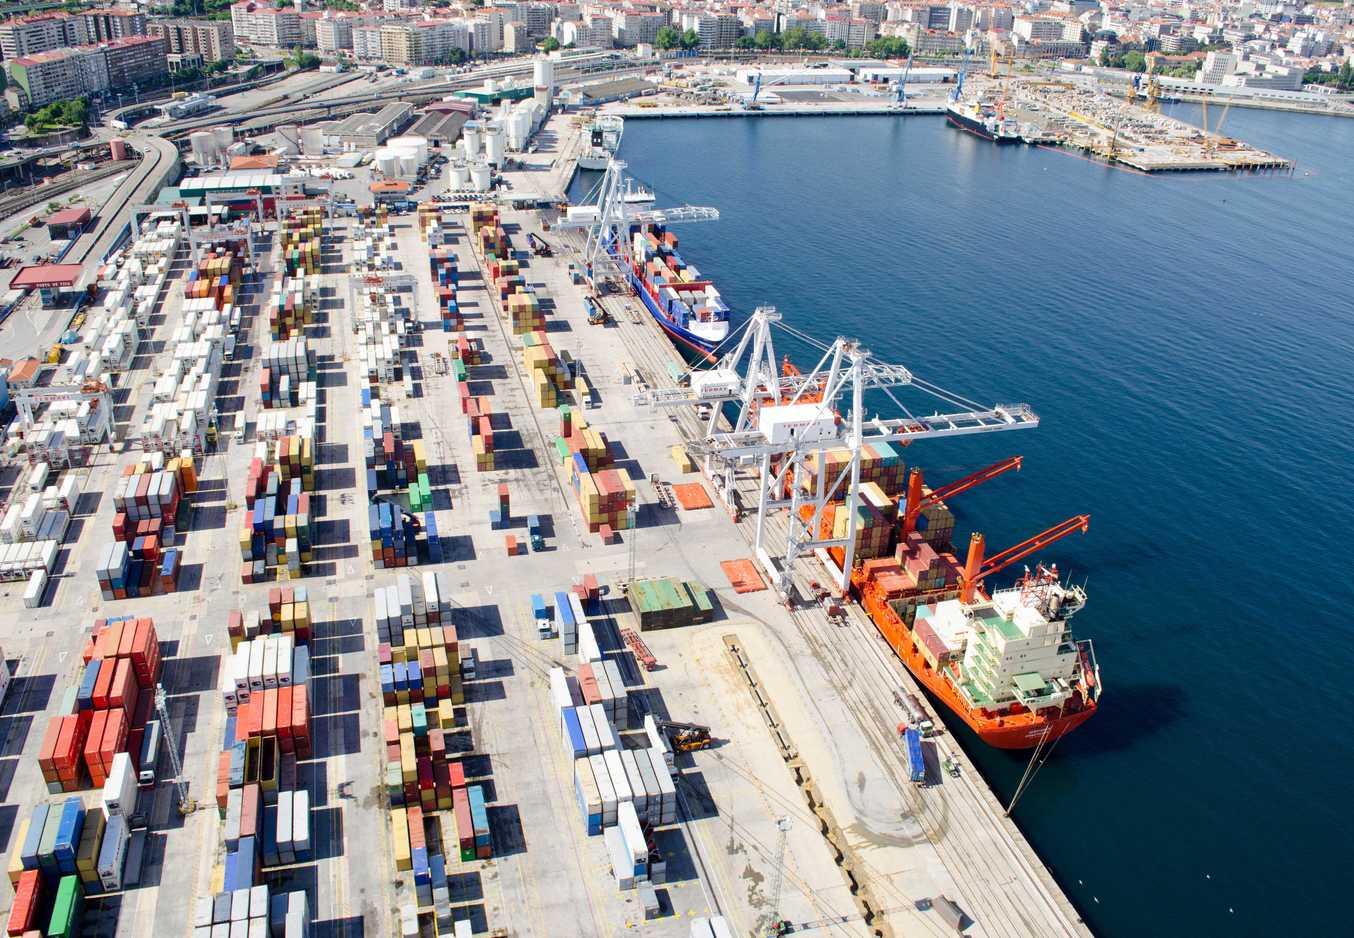 El Puerto de Vigo desarrolla un escáner pionero que detecta material radioactivo en contendores